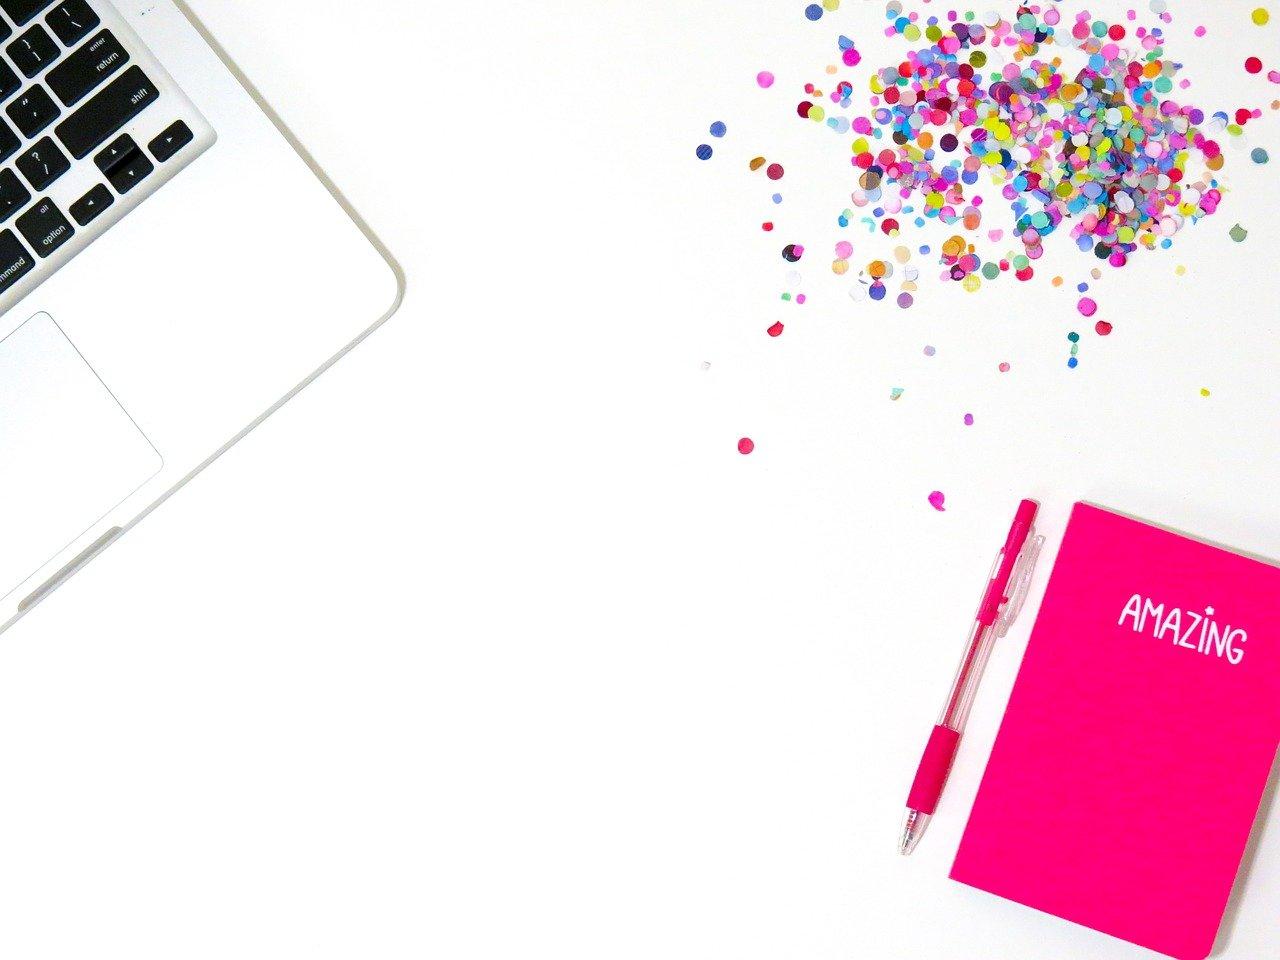 strategia-digitale-e-content-marketing